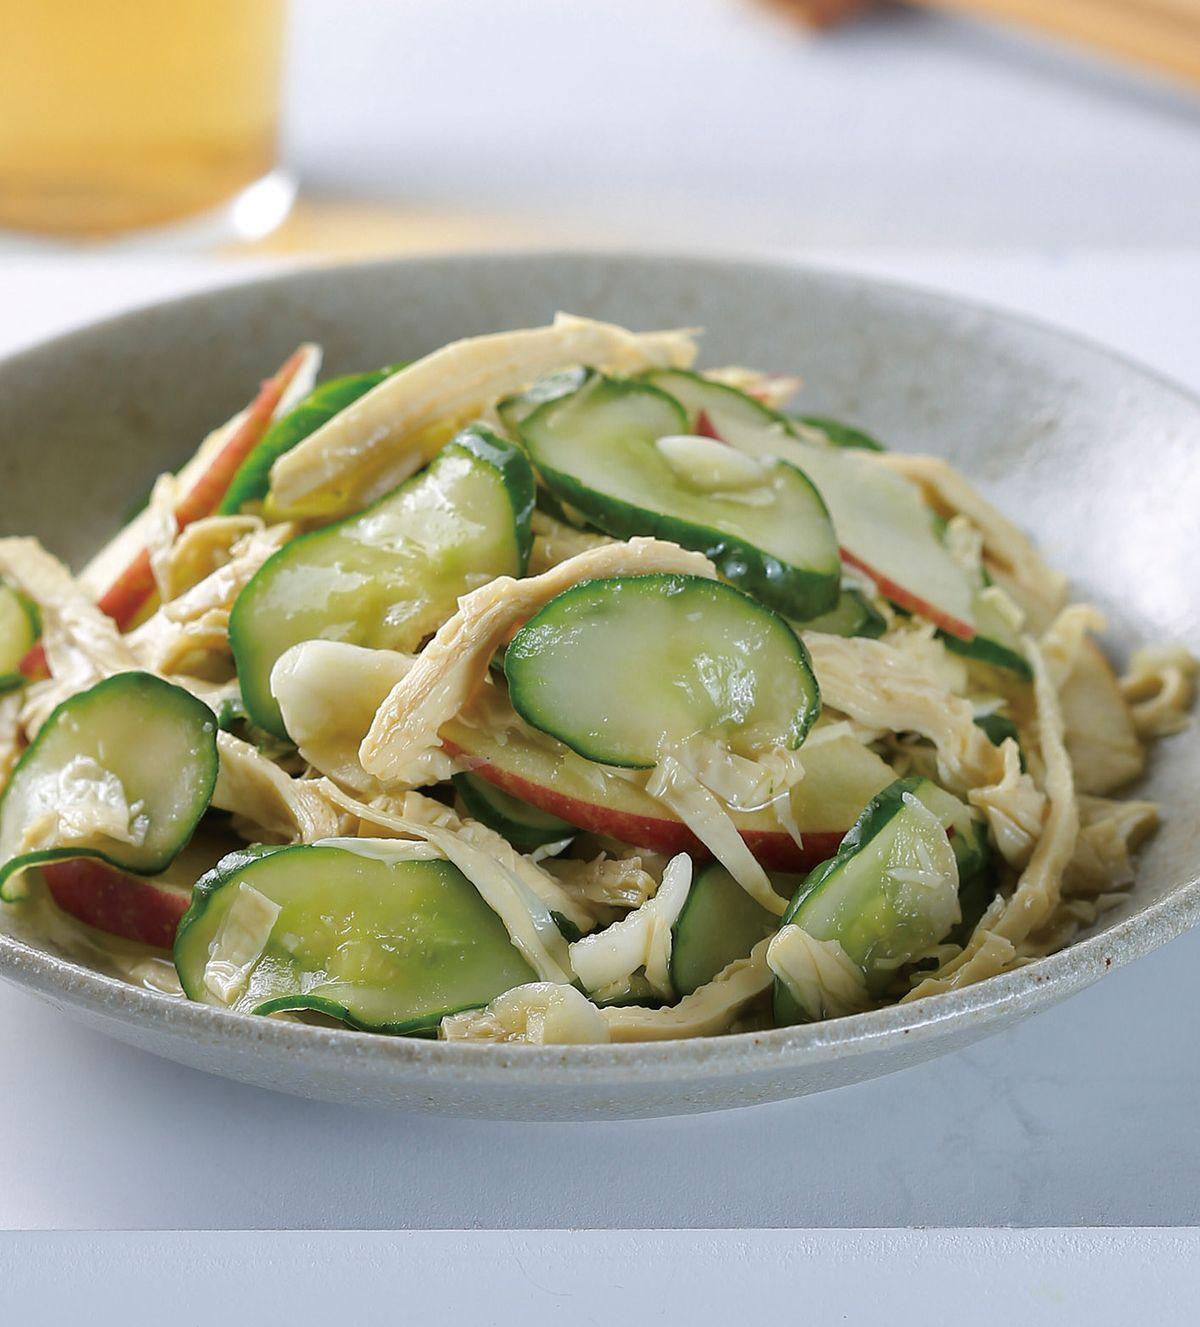 食譜:小黃瓜拌豆皮